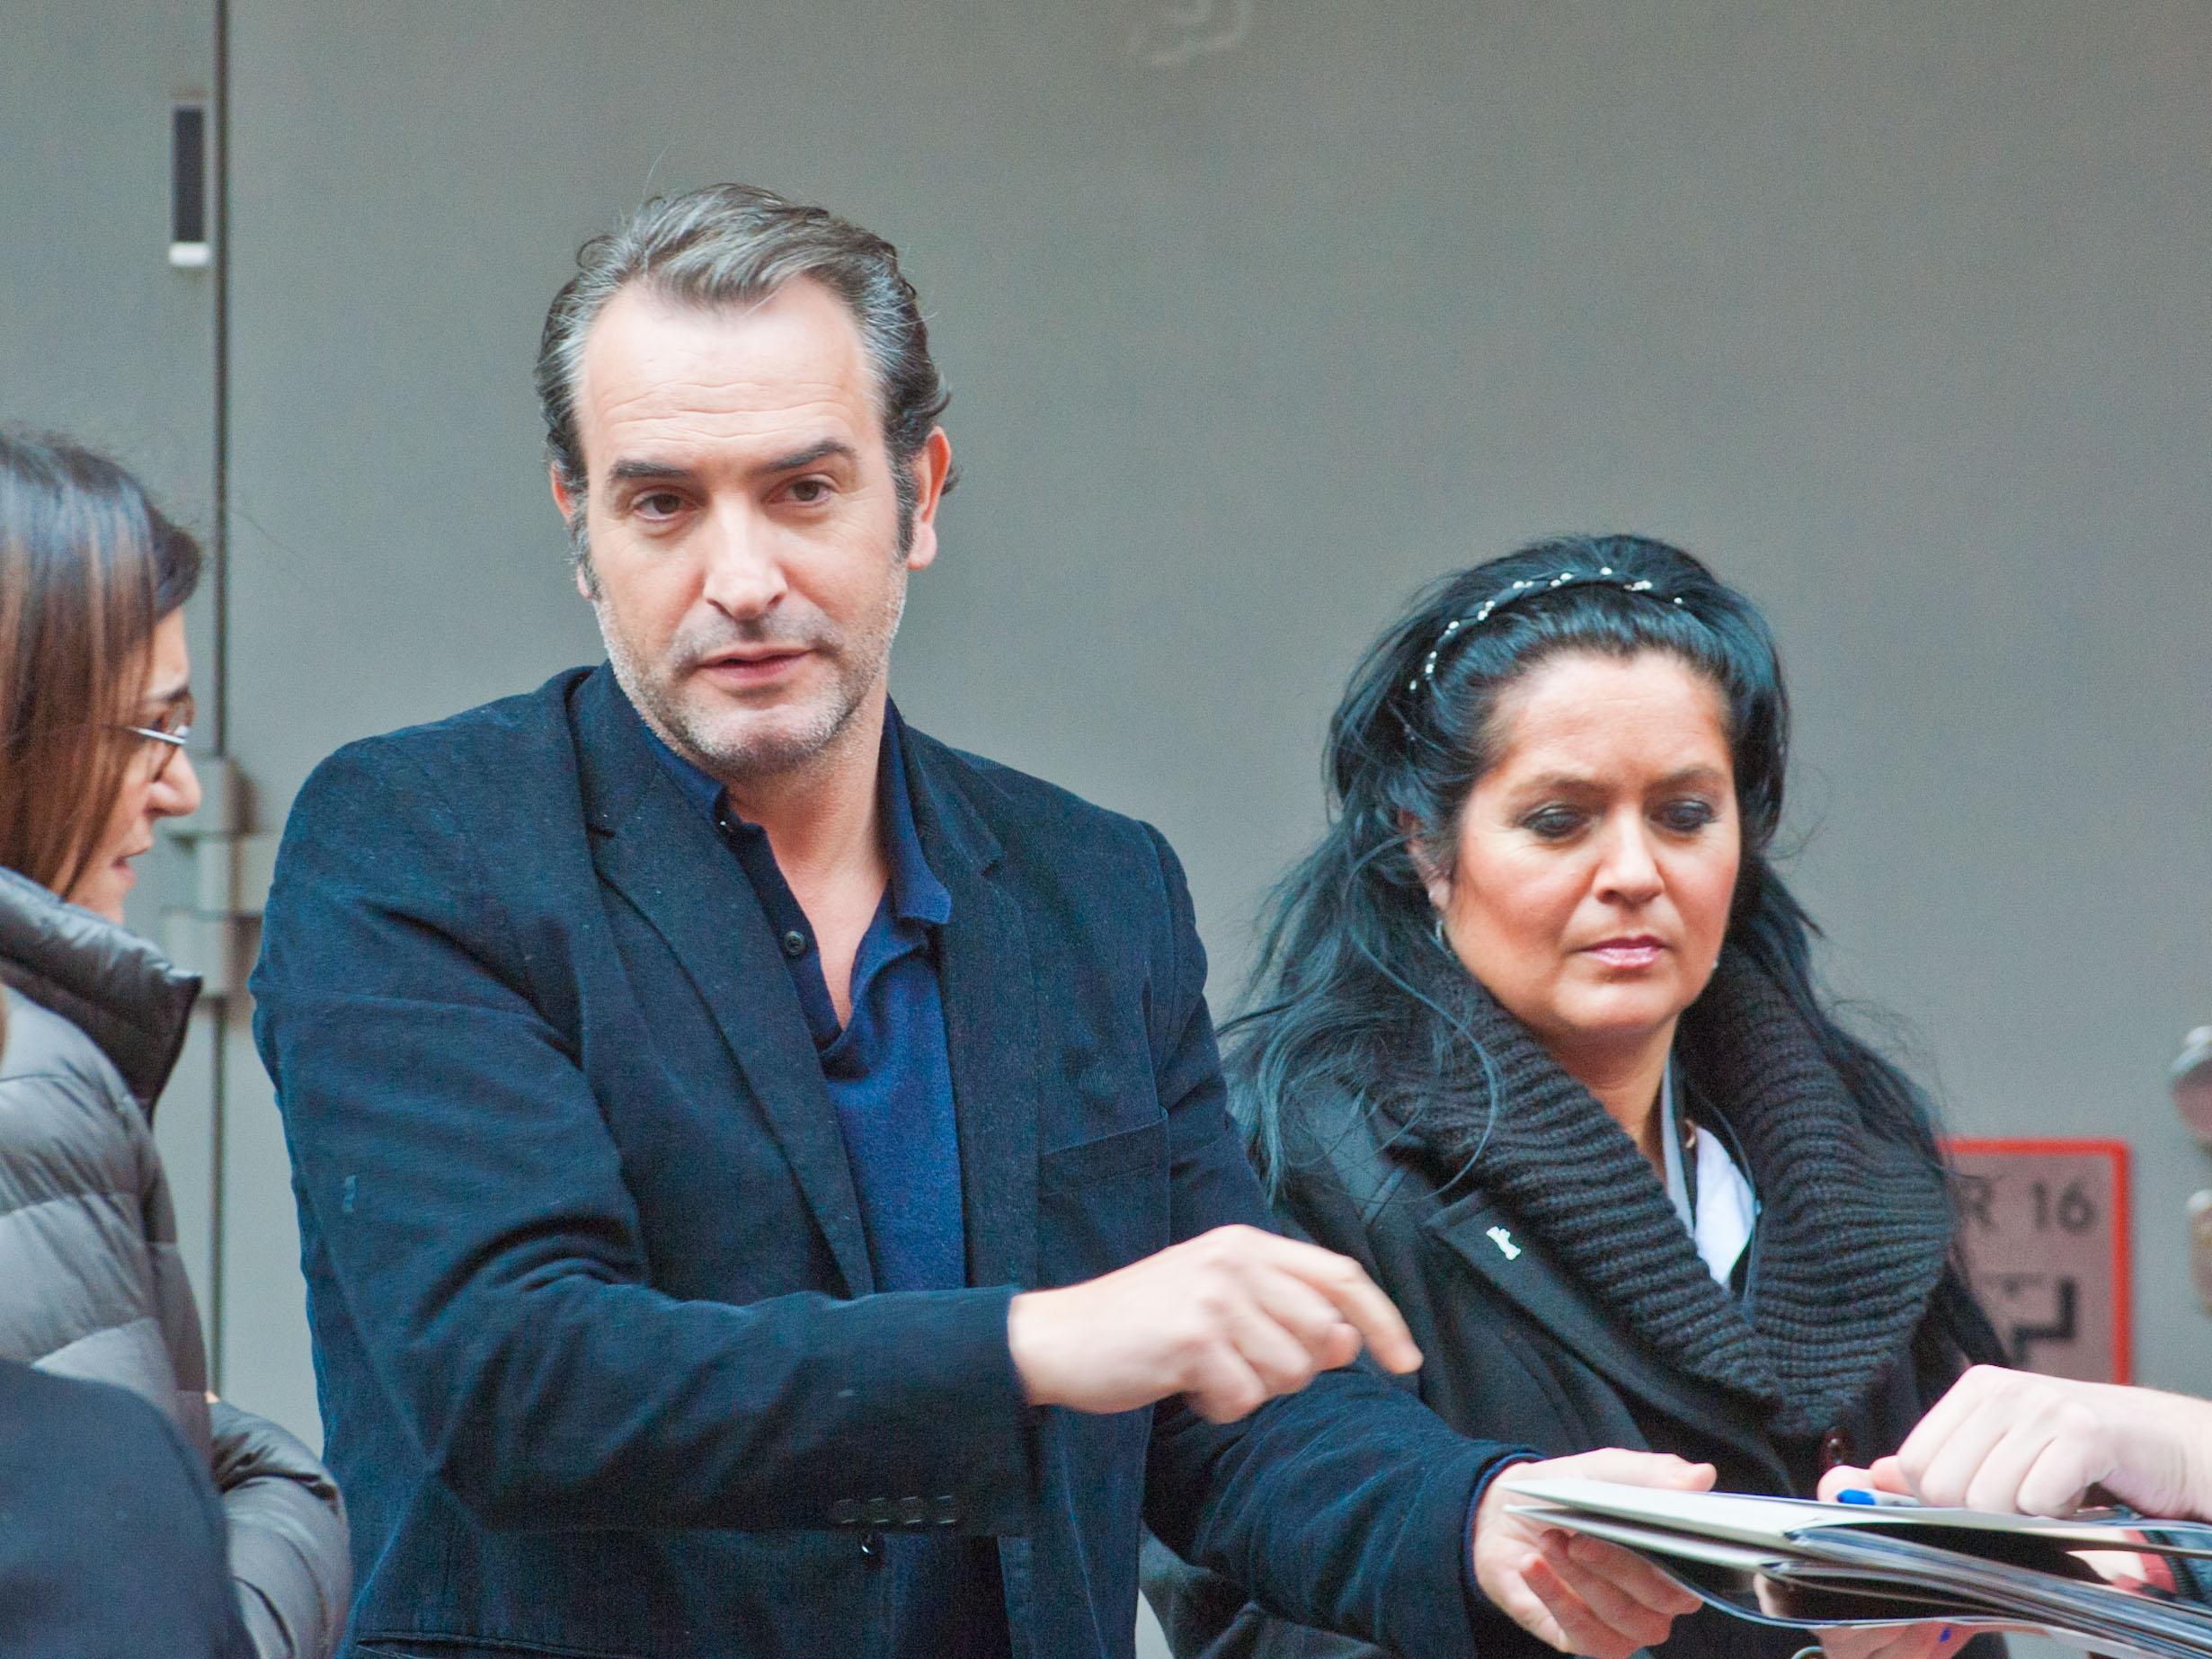 Les c l brit s chauves recensons les page 50 for Jean dujardin couple 2014